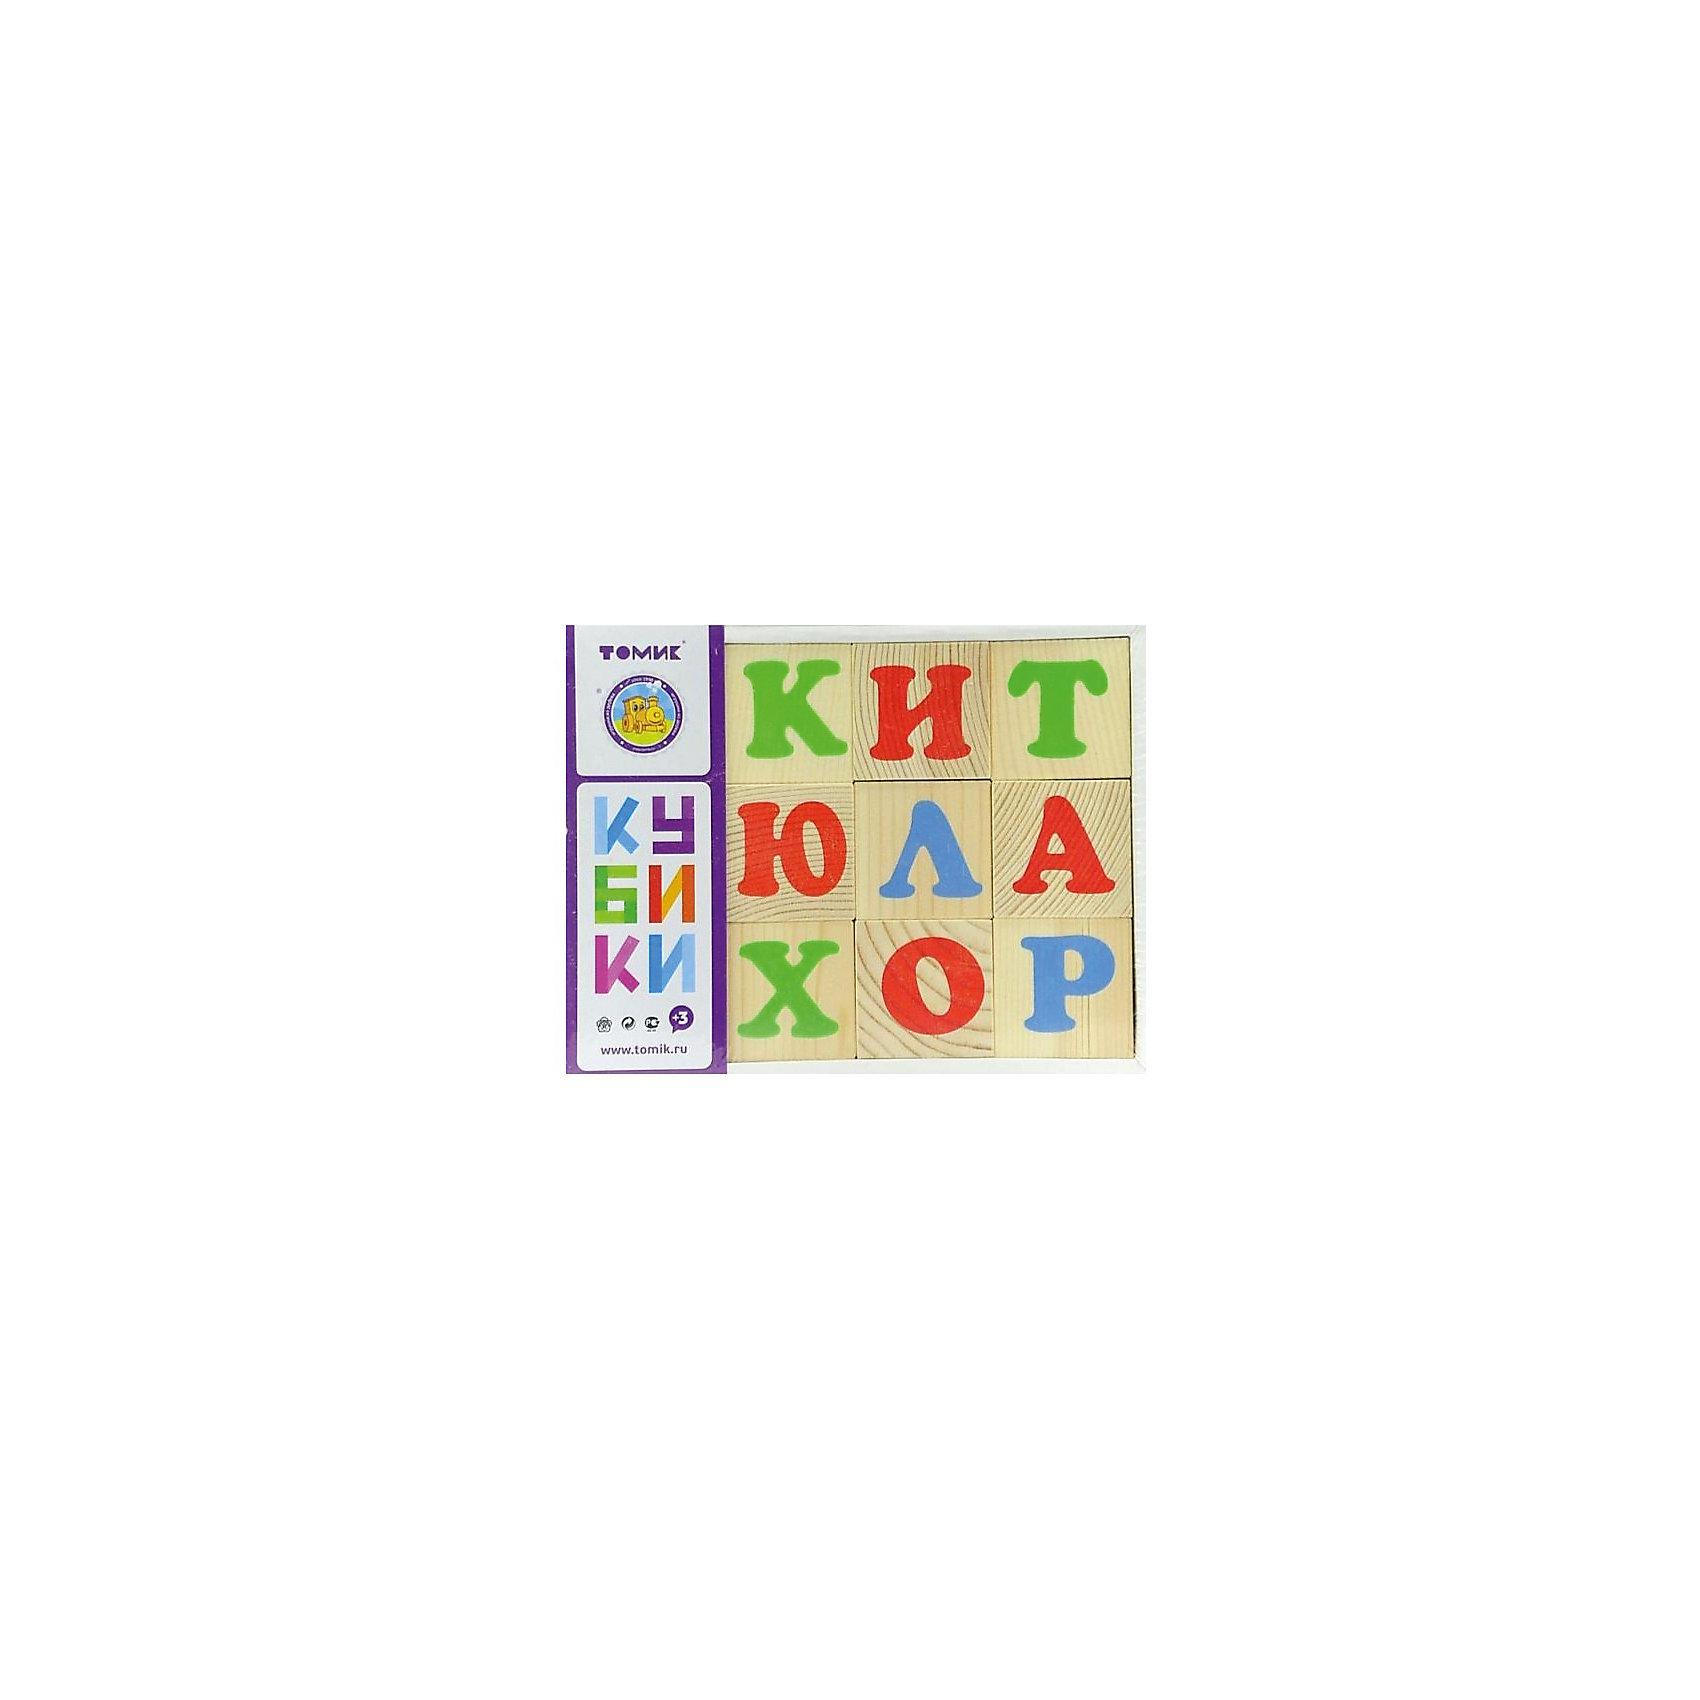 Деревянные кубики Томик Алфавит 12 штРазвивающие игрушки<br>Характеристики:<br><br>• возраст: от 3 лет<br>• комплектация: 12 кубиков<br>• размер кубика: 4х4х4 см.<br>• материал: древесина<br>• упаковка: картонная коробка<br>• размер упаковки: 13х17х4 см.<br>• вес: 424 гр.<br><br>Обучающие кубики Томик помогут малышу выучить алфавит. На неокрашенных гранях кубиков нанесены яркие буквы.<br><br>Попросите малыша выбрать любой понравившийся кубик и расскажите ему про букву на его грани. Выберите два кубика и сравните, какая буква обозначает гласный звук, а какая согласный. Обратите внимание ребенка на буквы, которые не имеют собственного звука. Объясните, как эти буквы влияют на соседние.<br><br>Играя в кубики, ребенок будет учиться составлять слоги, простые слова, или просто строить различные башенки и пирамидки.<br><br>Кубики изготовлены из древесины, тщательно отшлифованы.<br><br>Кубики ТОМИК 1111-1 Алфавит русский 12 шт. можно купить в нашем интернет-магазине.<br><br>Ширина мм: 170<br>Глубина мм: 130<br>Высота мм: 40<br>Вес г: 424<br>Возраст от месяцев: 36<br>Возраст до месяцев: 2147483647<br>Пол: Унисекс<br>Возраст: Детский<br>SKU: 7140544